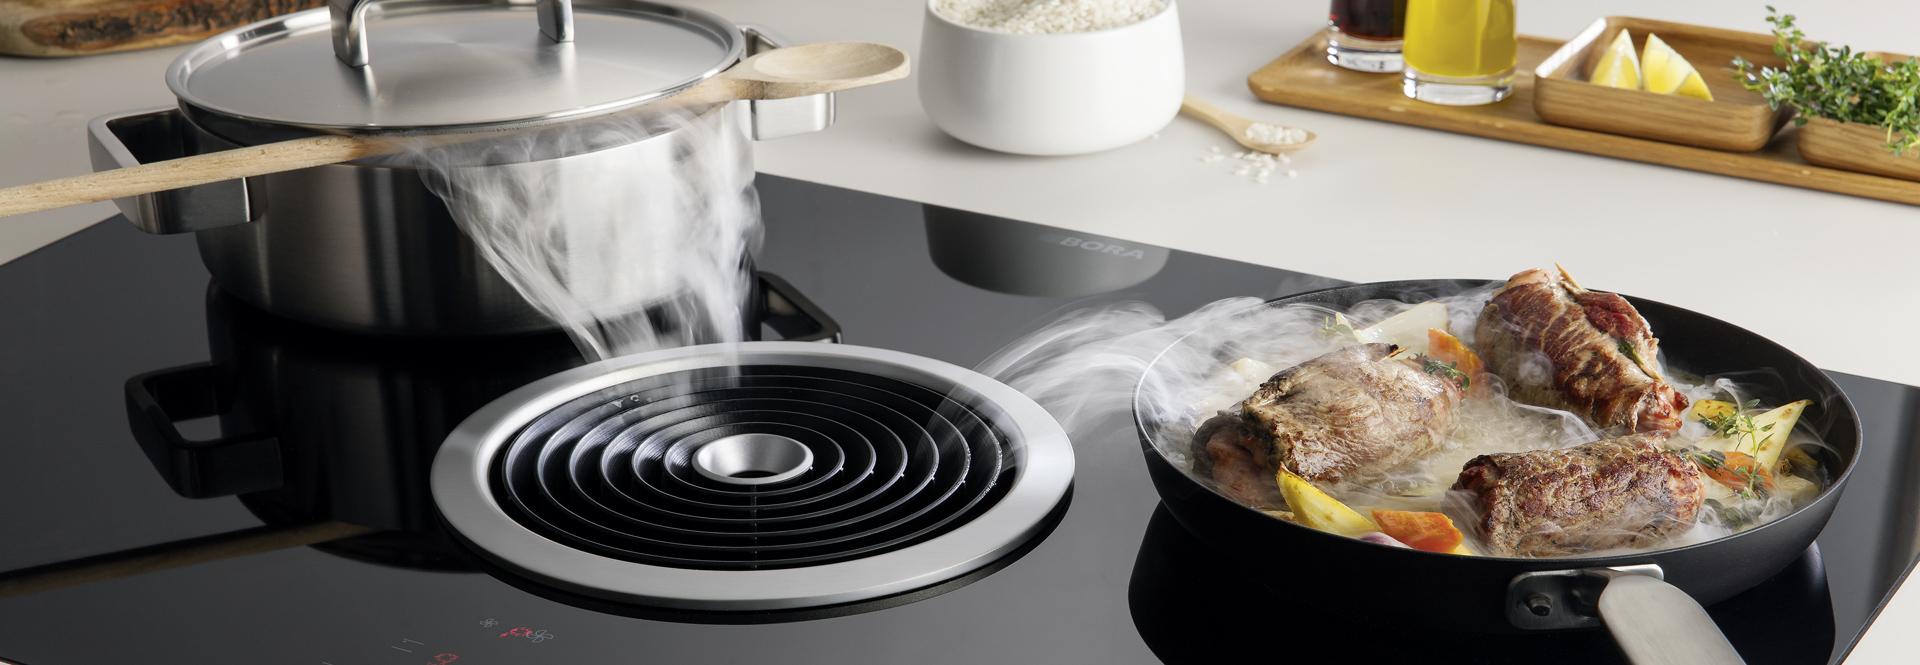 Küchen Klassiker aus Eckernförde